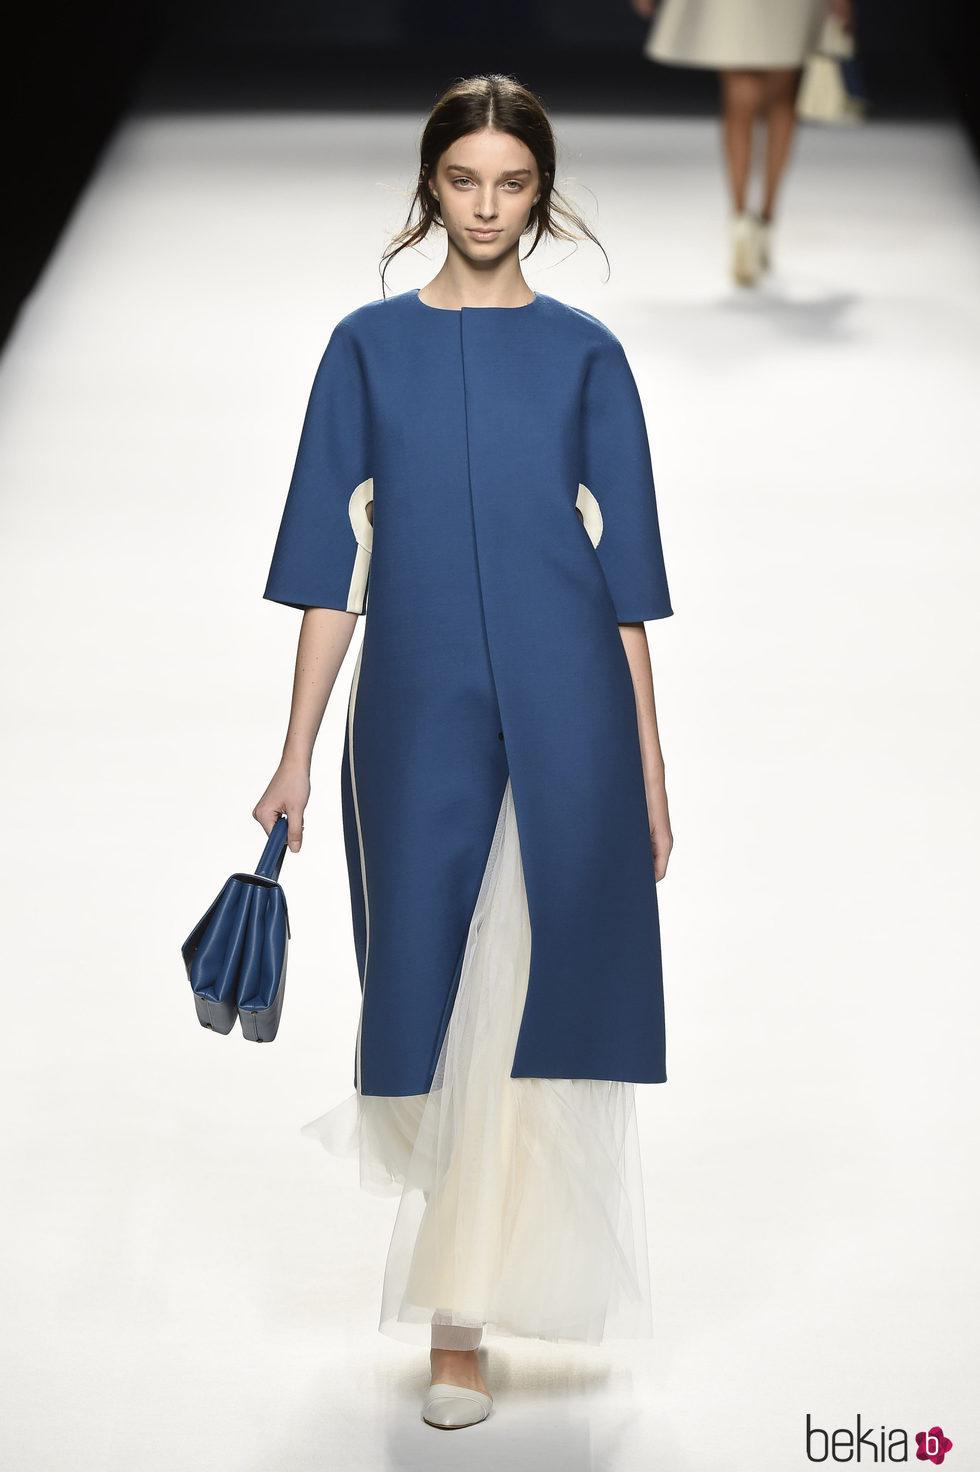 Abrigo vestido azul de Devota & Lomba primavera/verano 2017 en Madrid Fashion Week